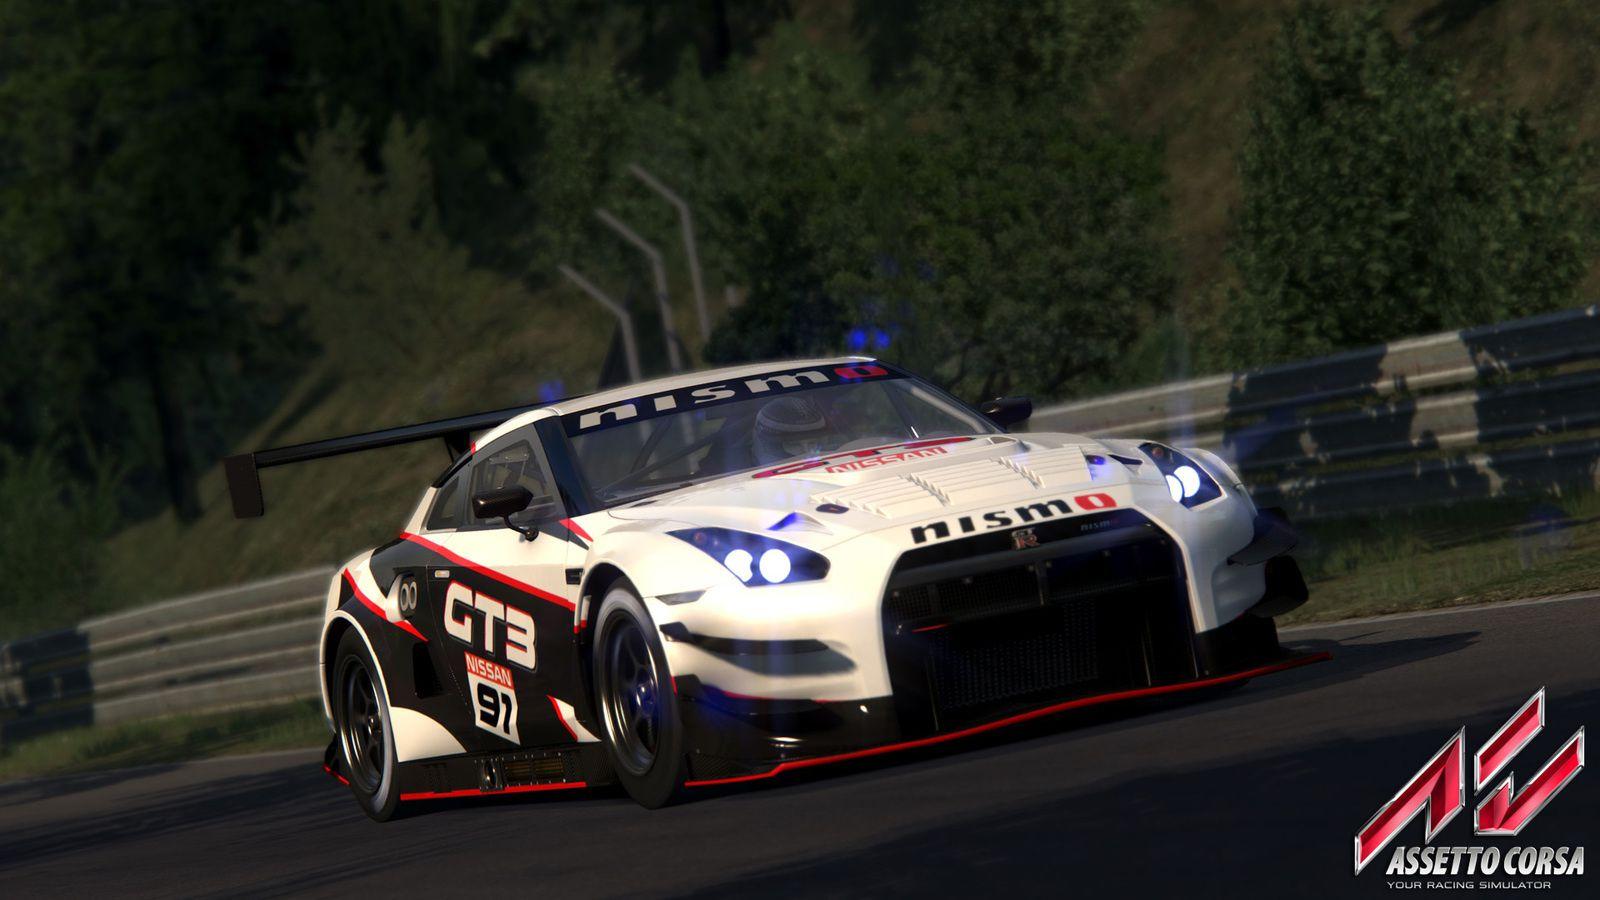 Assetto Corsa : encore des images de la Nissan GT-R GT3